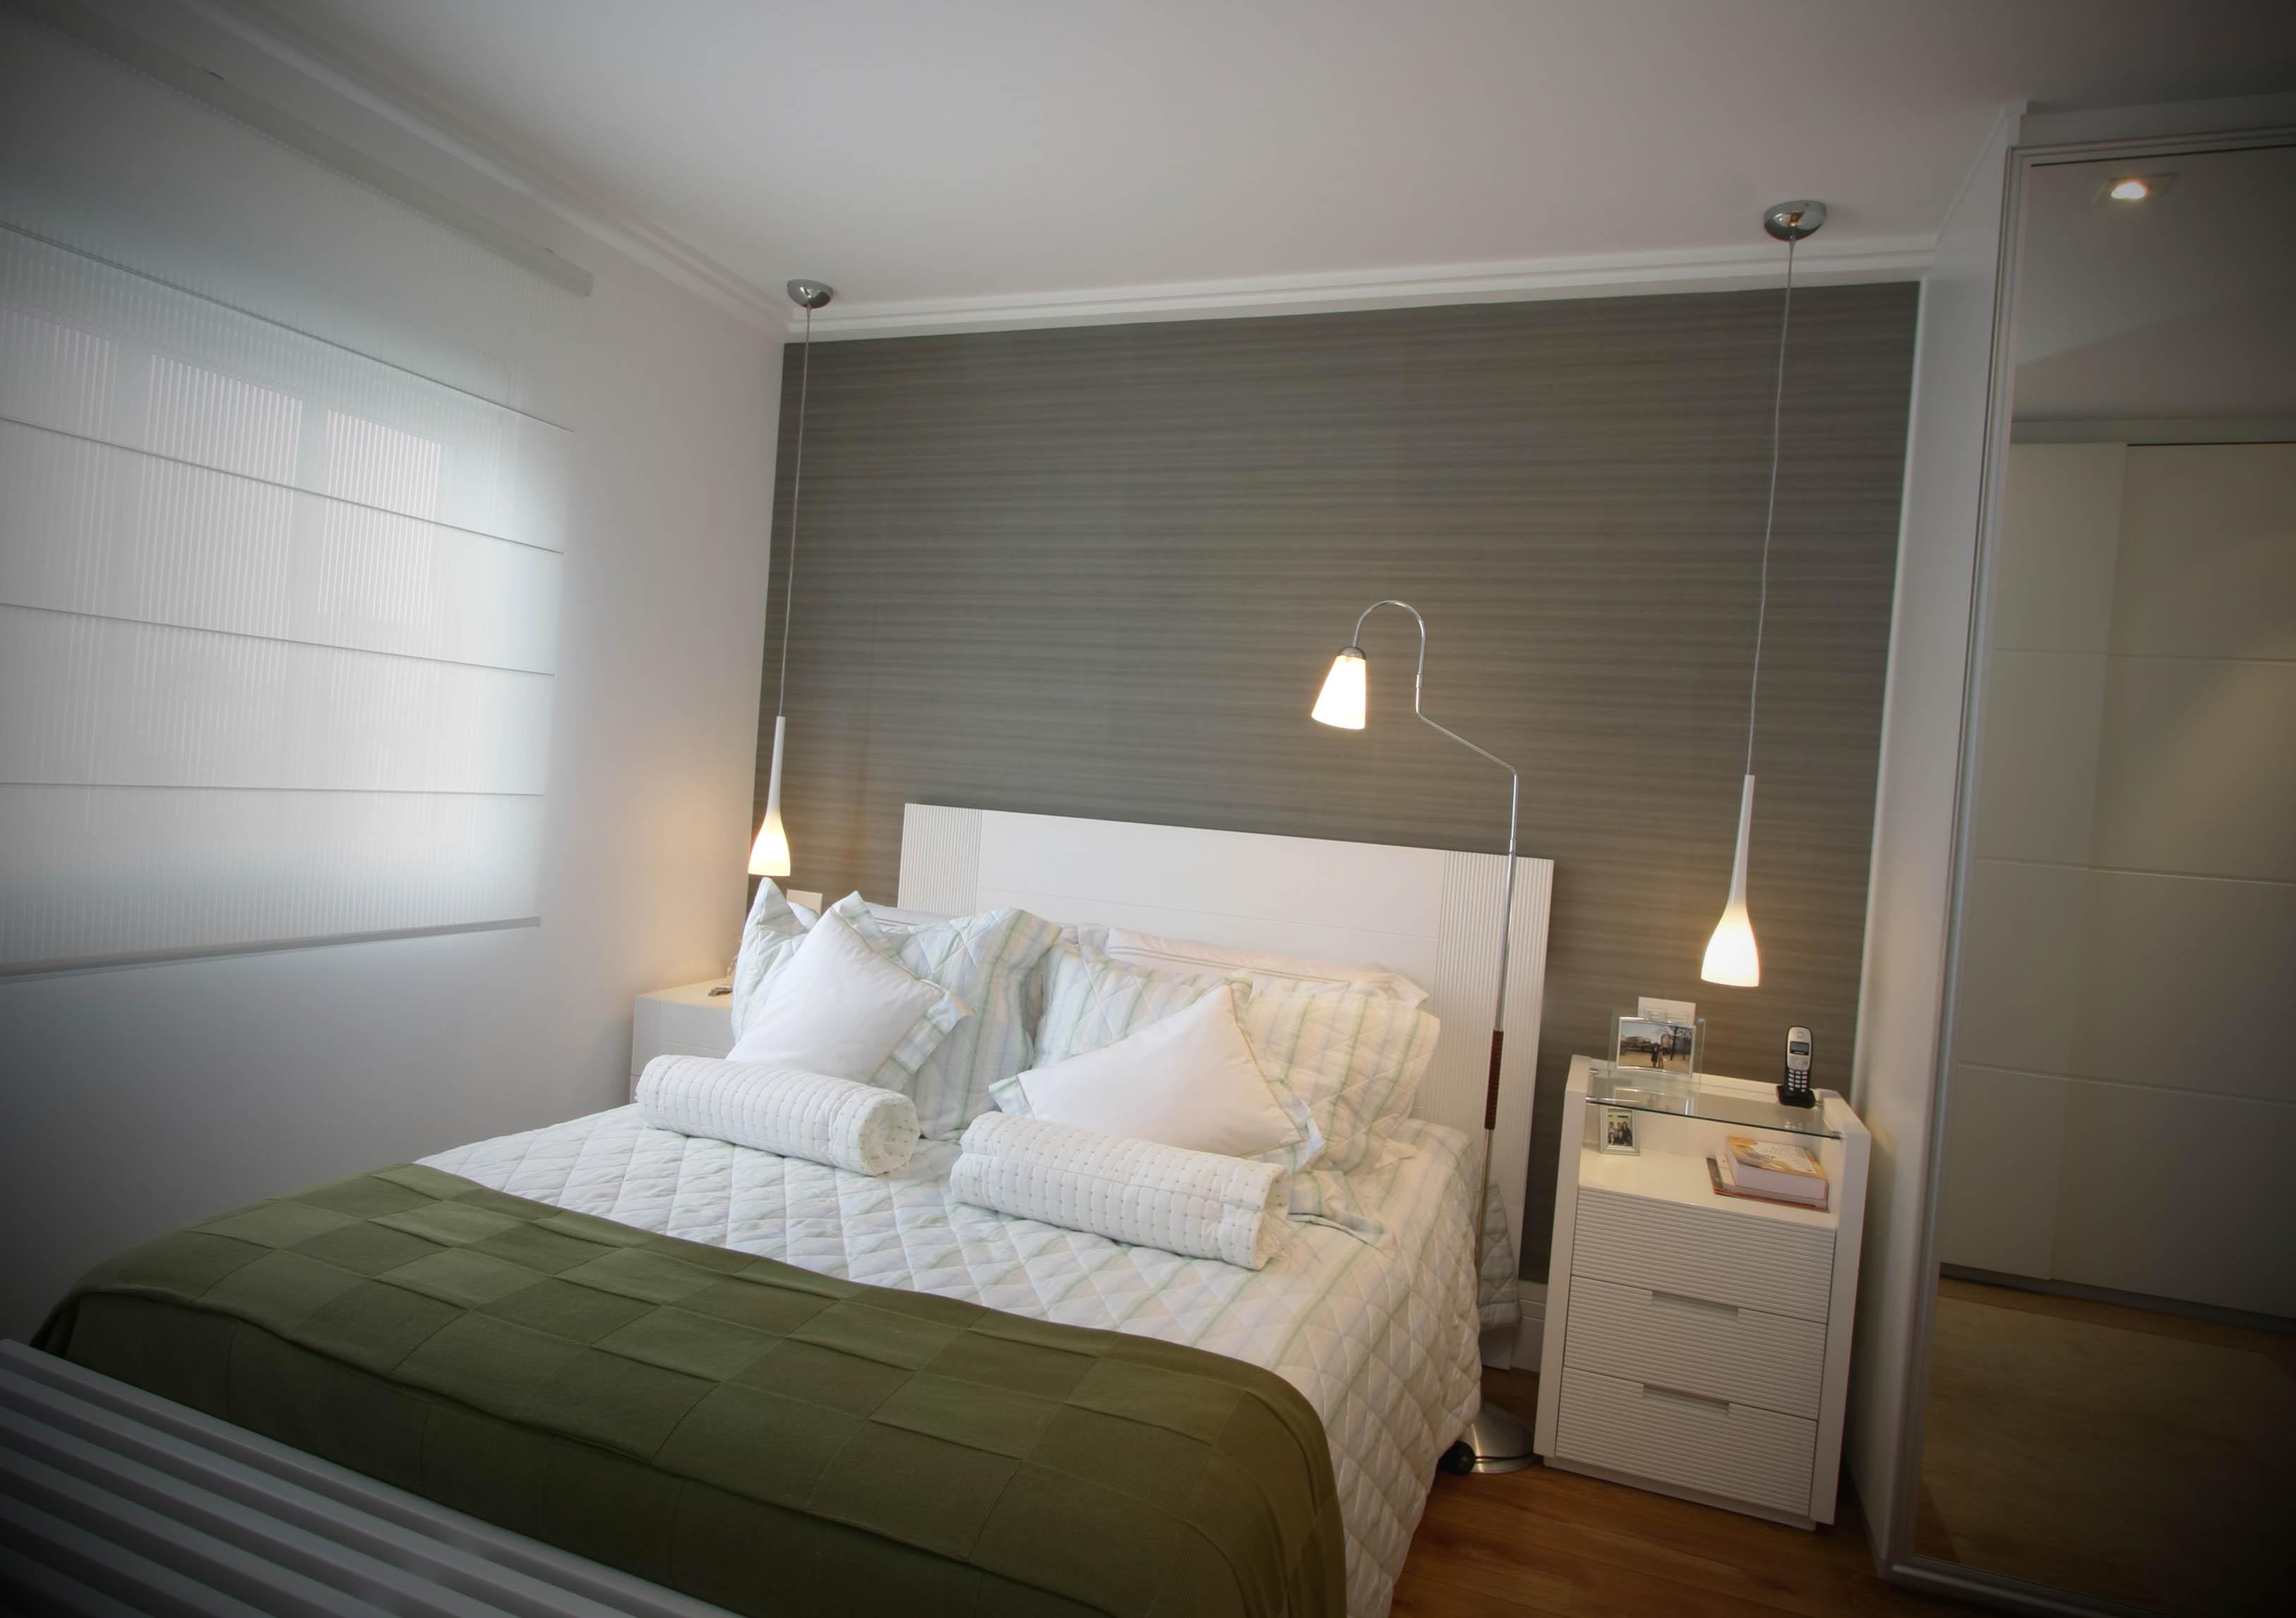 luminarias para quarto de casal